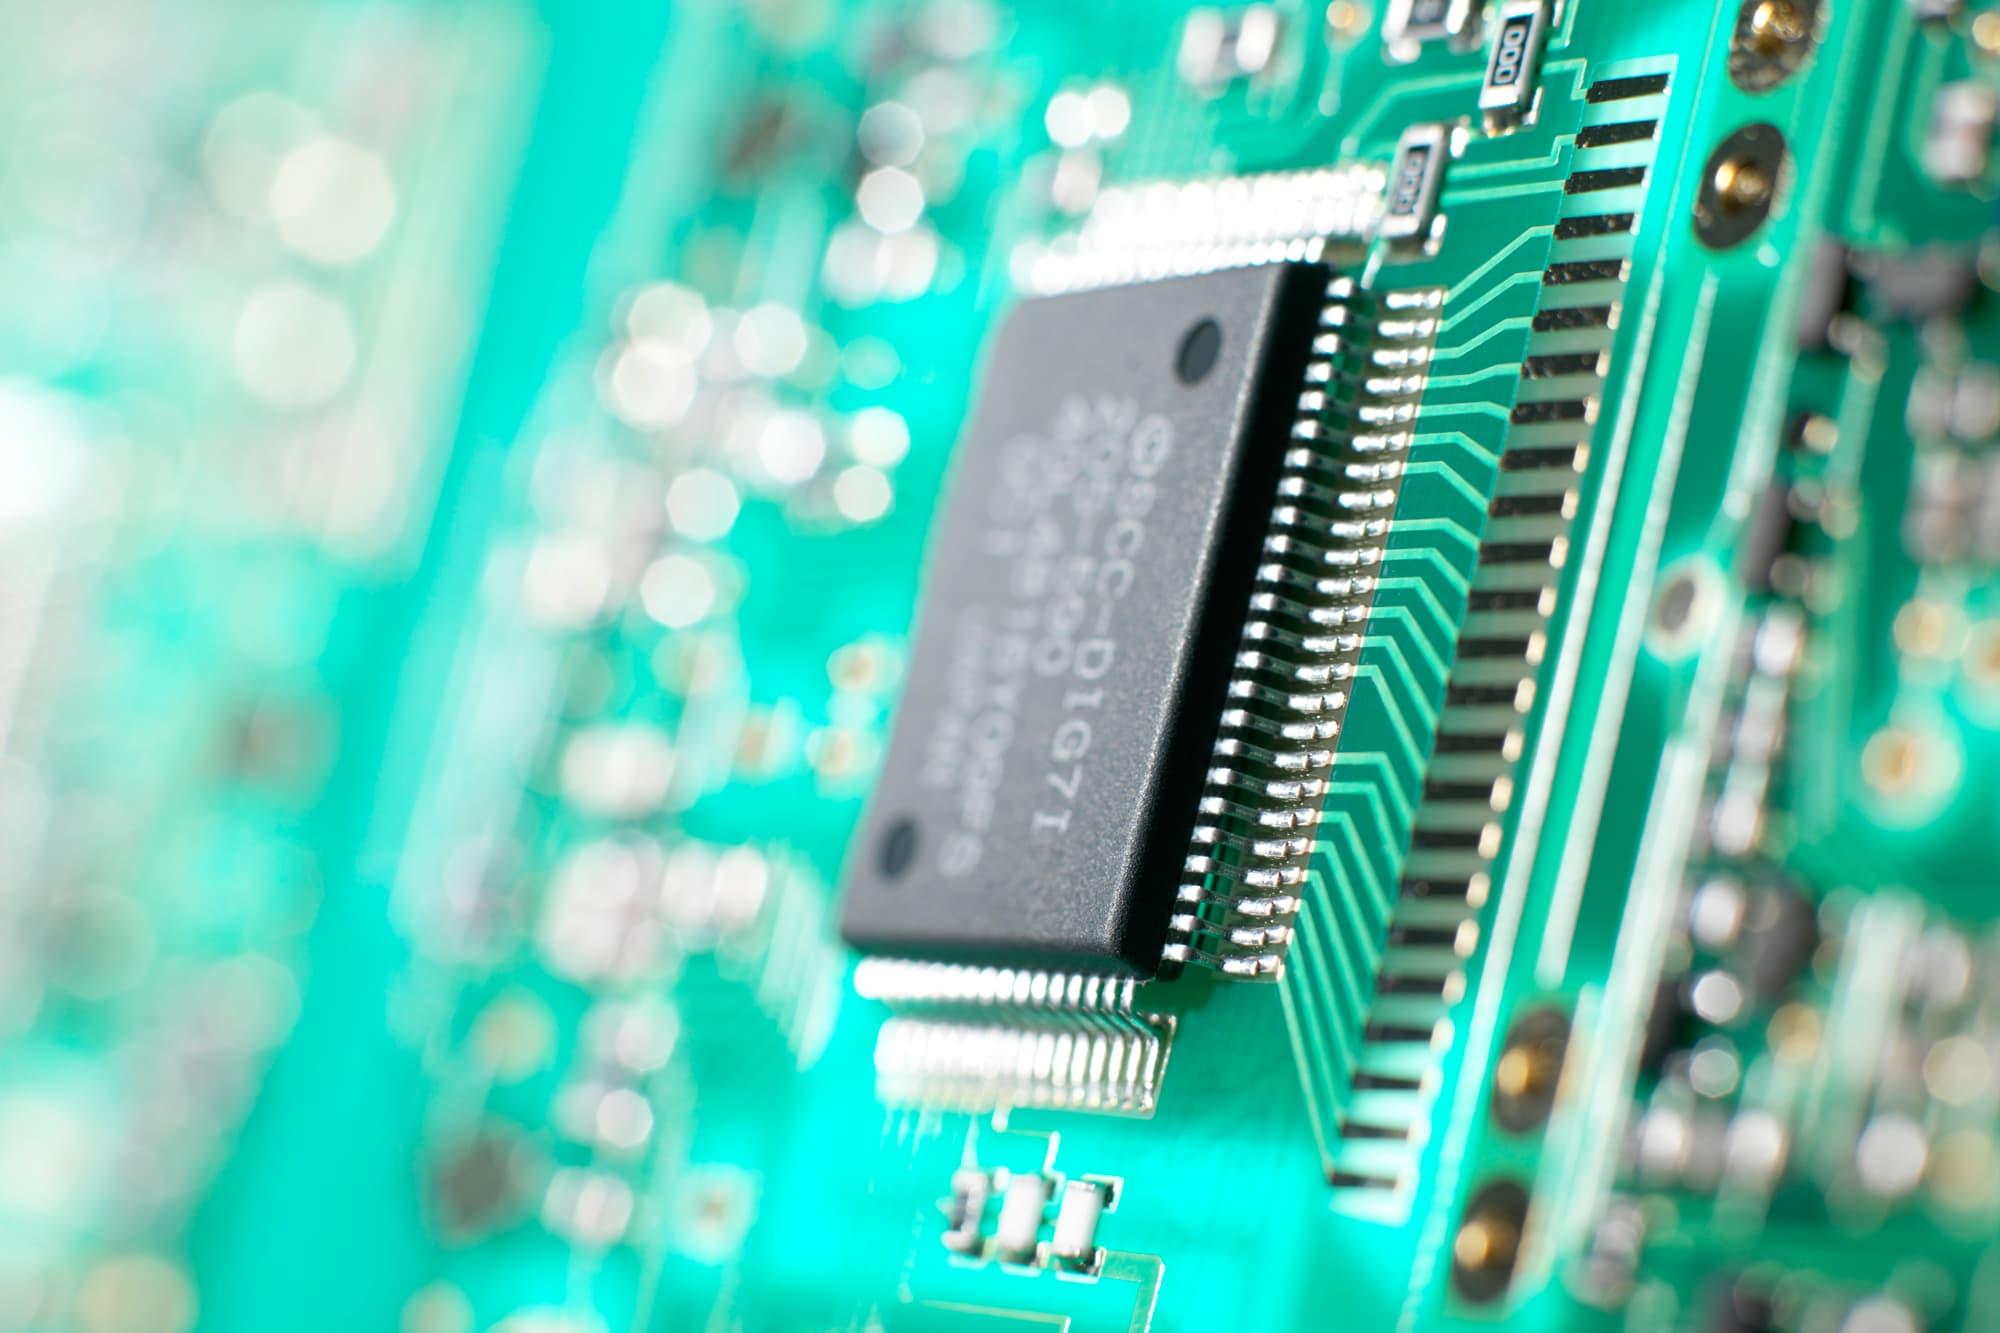 SMIC, China's biggest chipmaker, begins $6.6 billion share sale 5